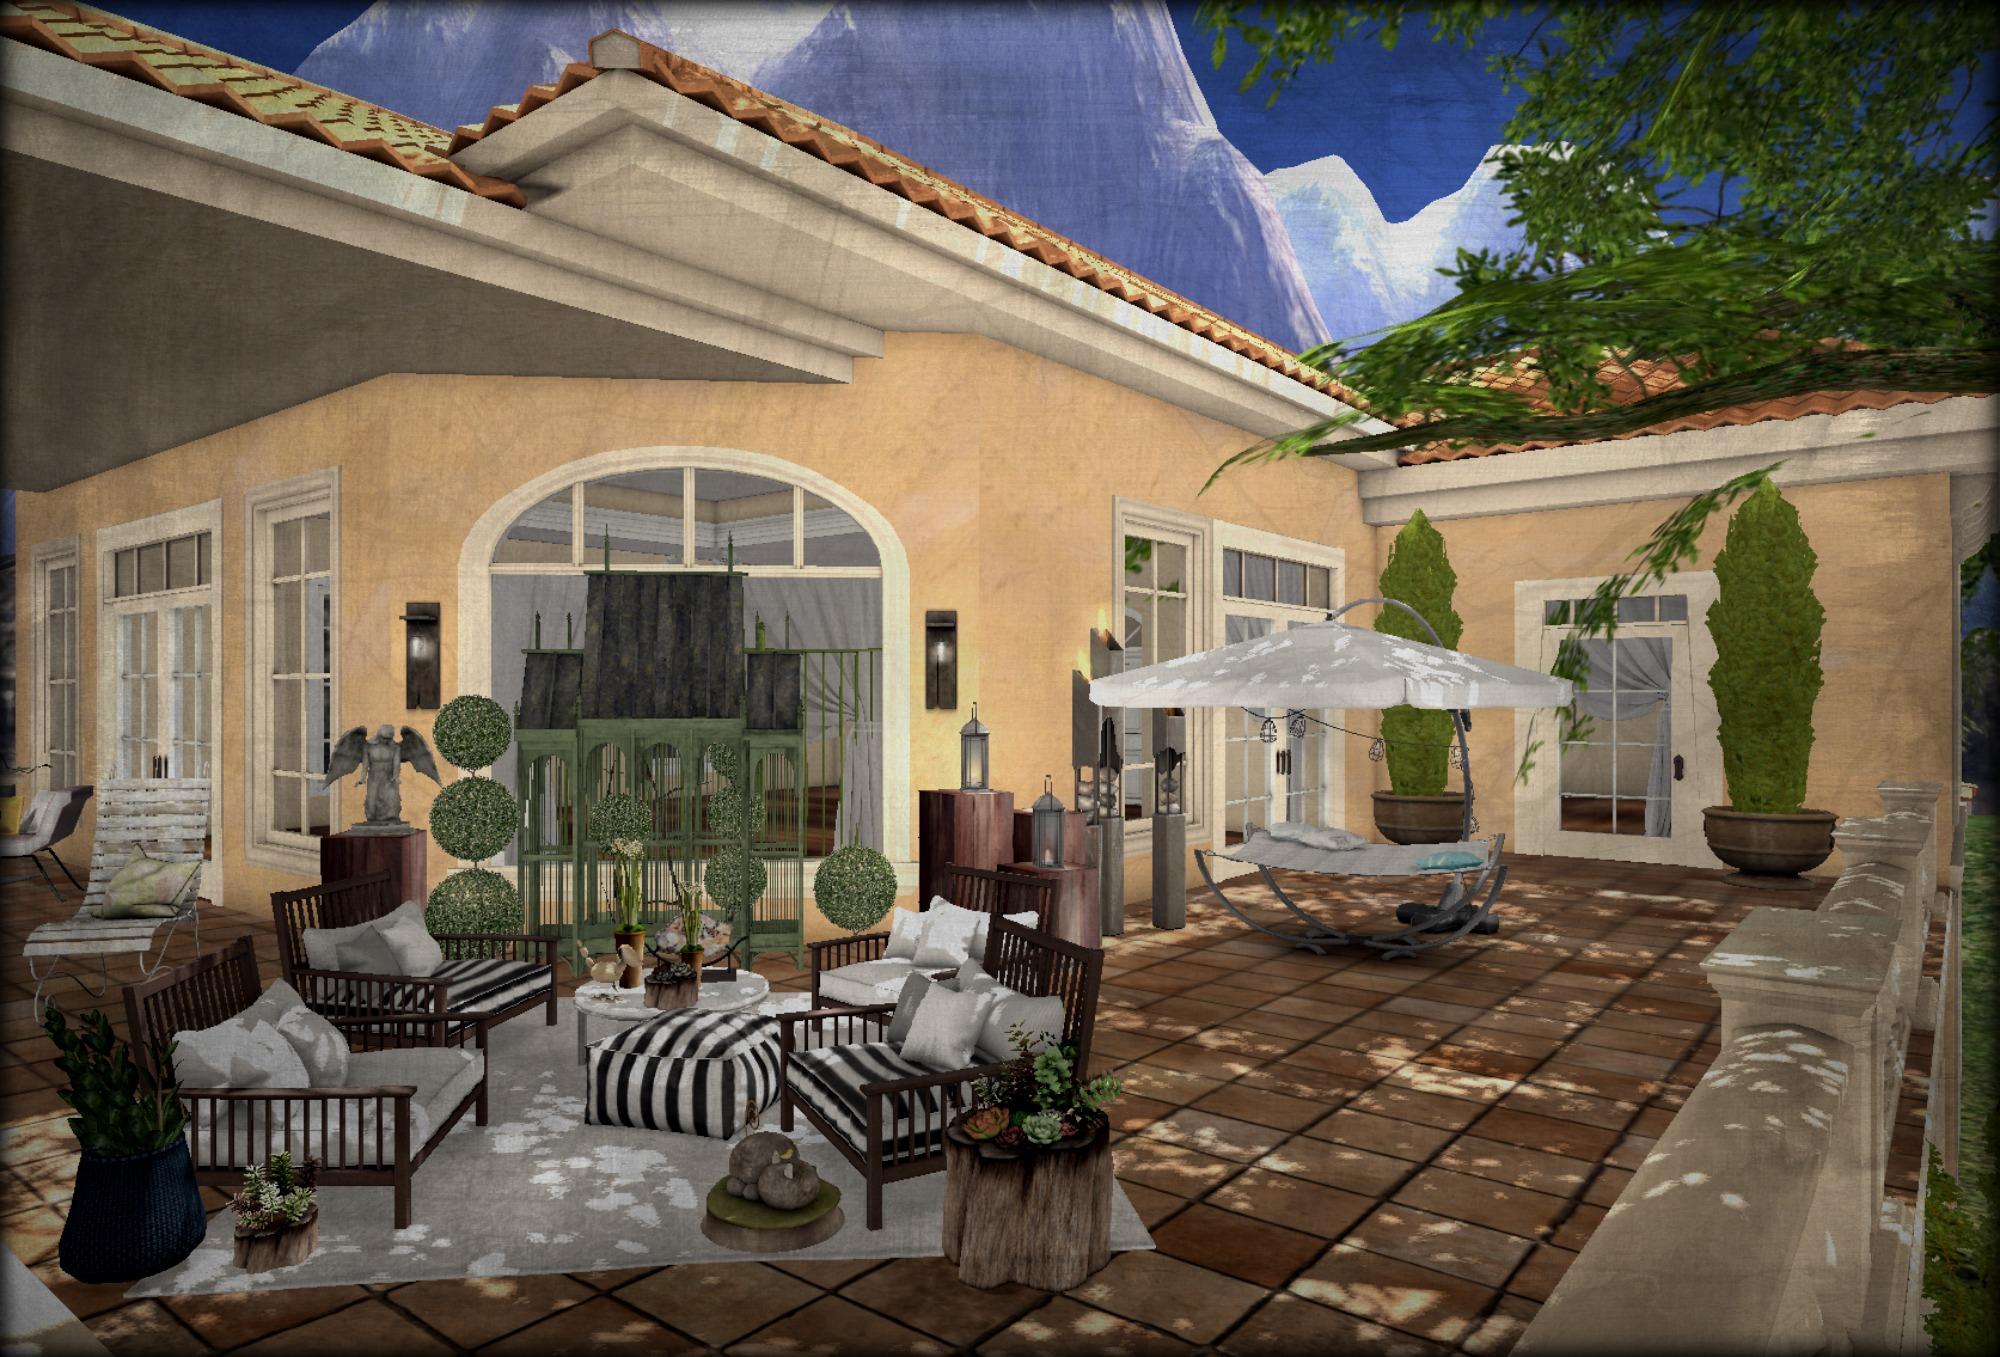 Fondos de pantalla ventana coraz n casa caba a patio interior inmuebles techo mudhoney - Ley propiedad horizontal patio interior ...